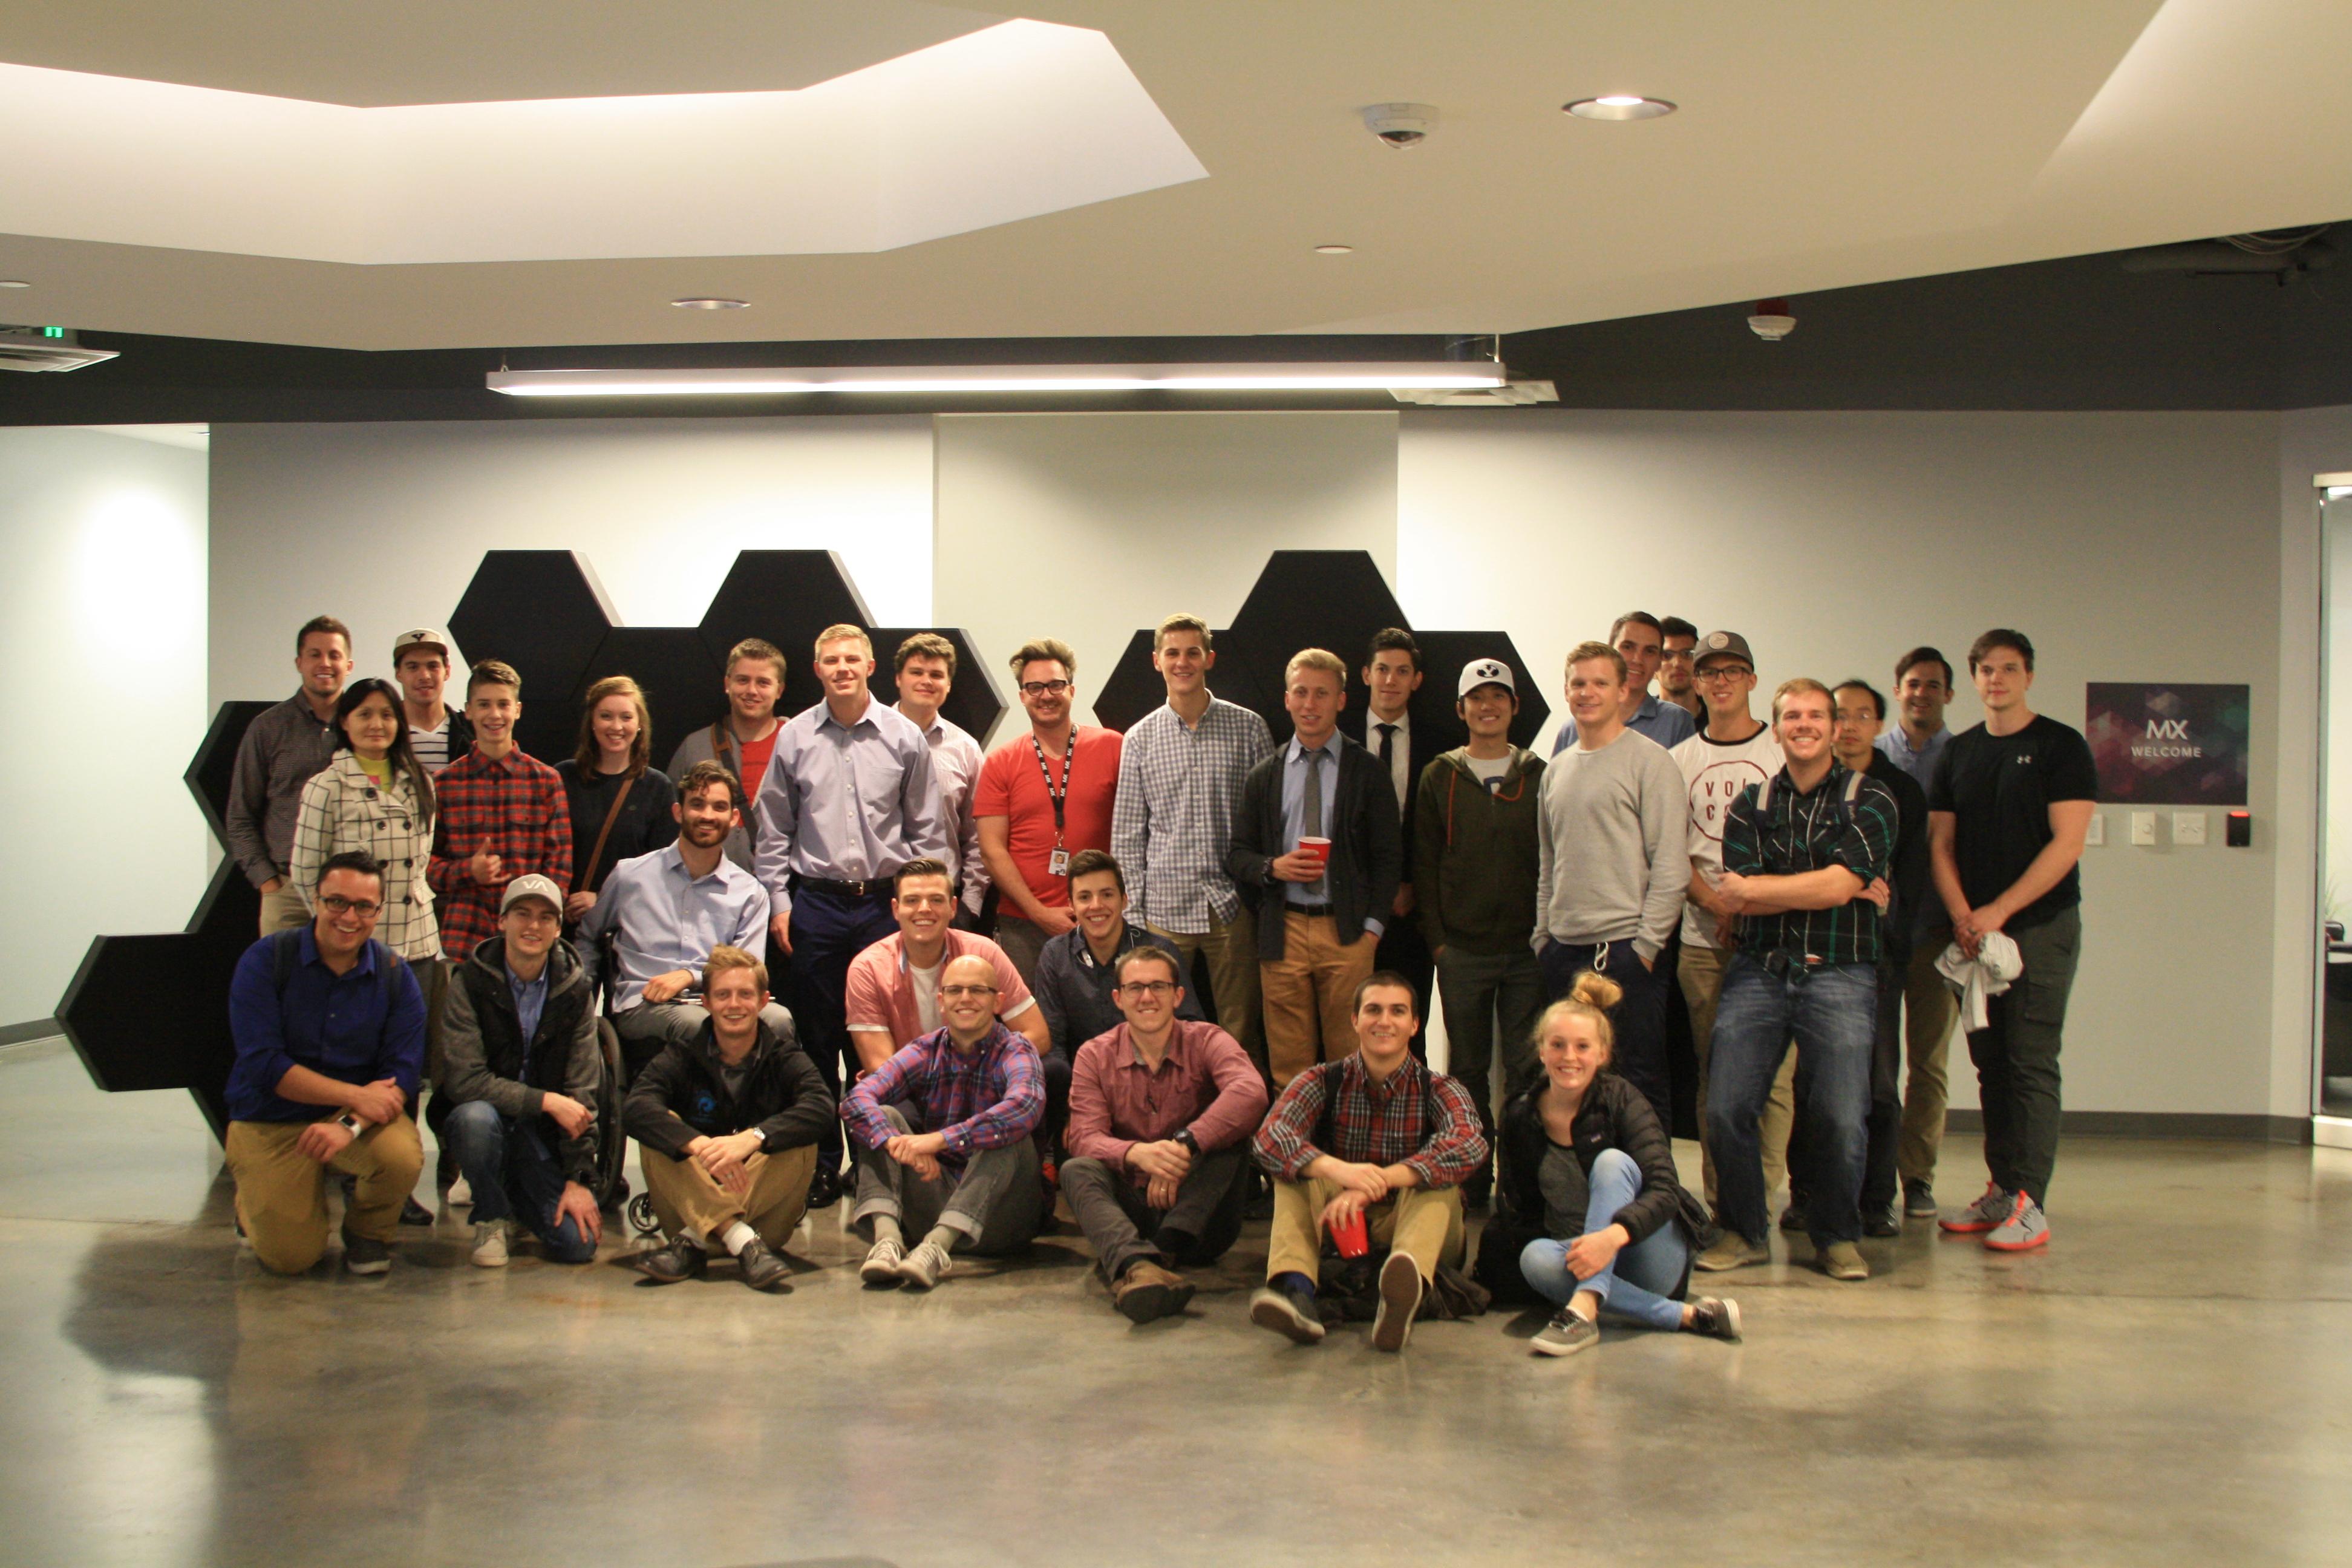 eClub at MX HQ